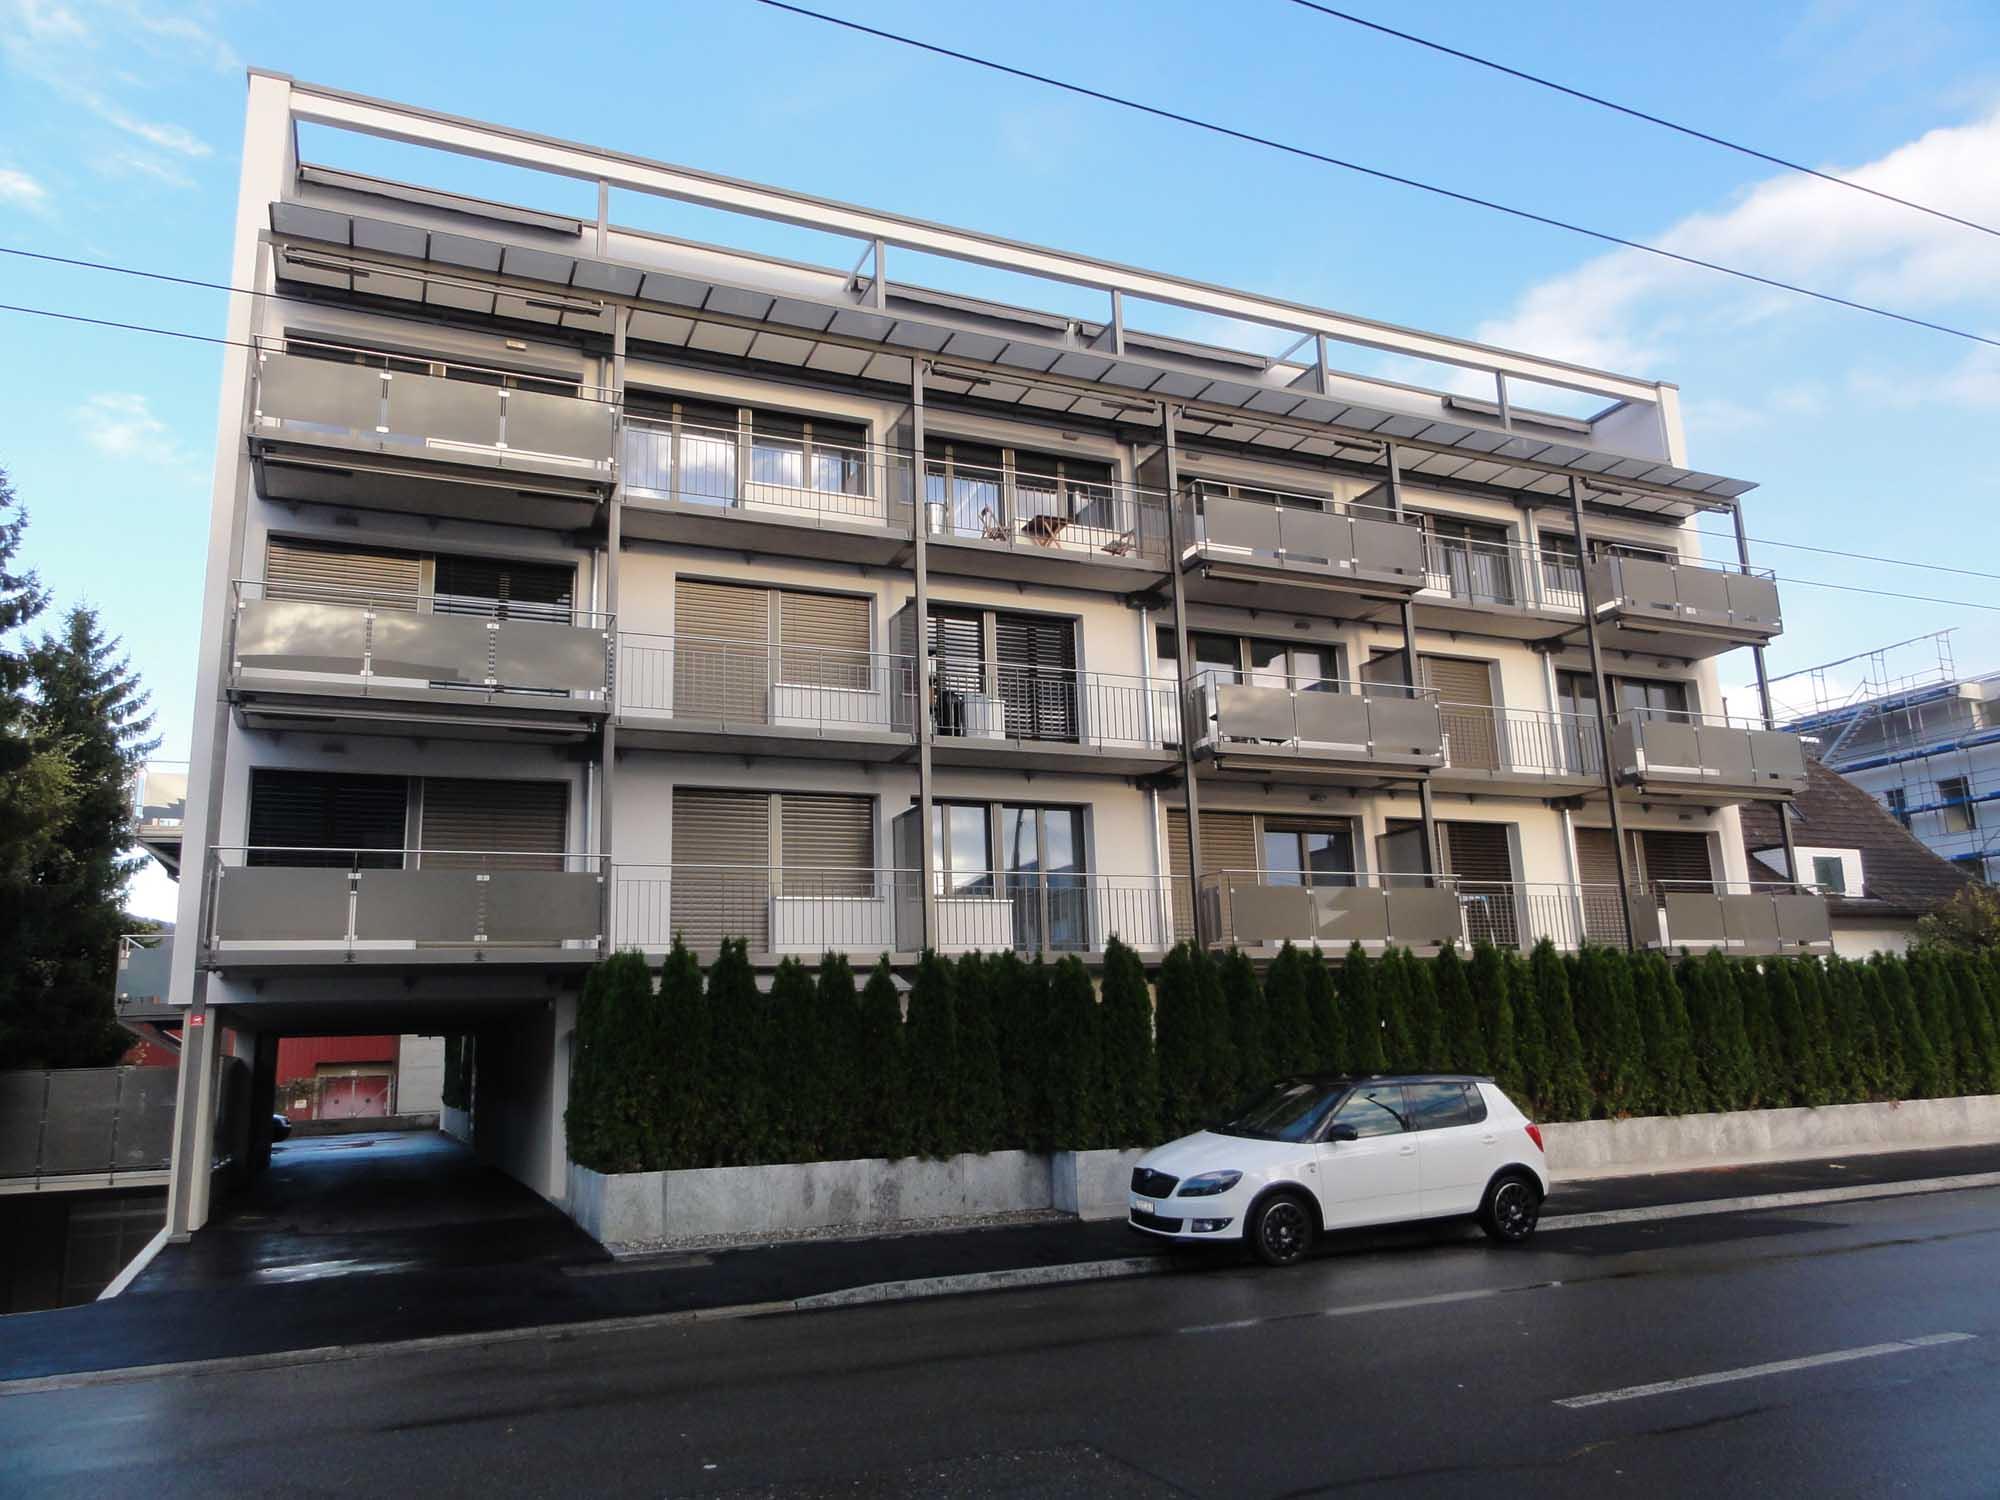 Balkonerweiterung-10